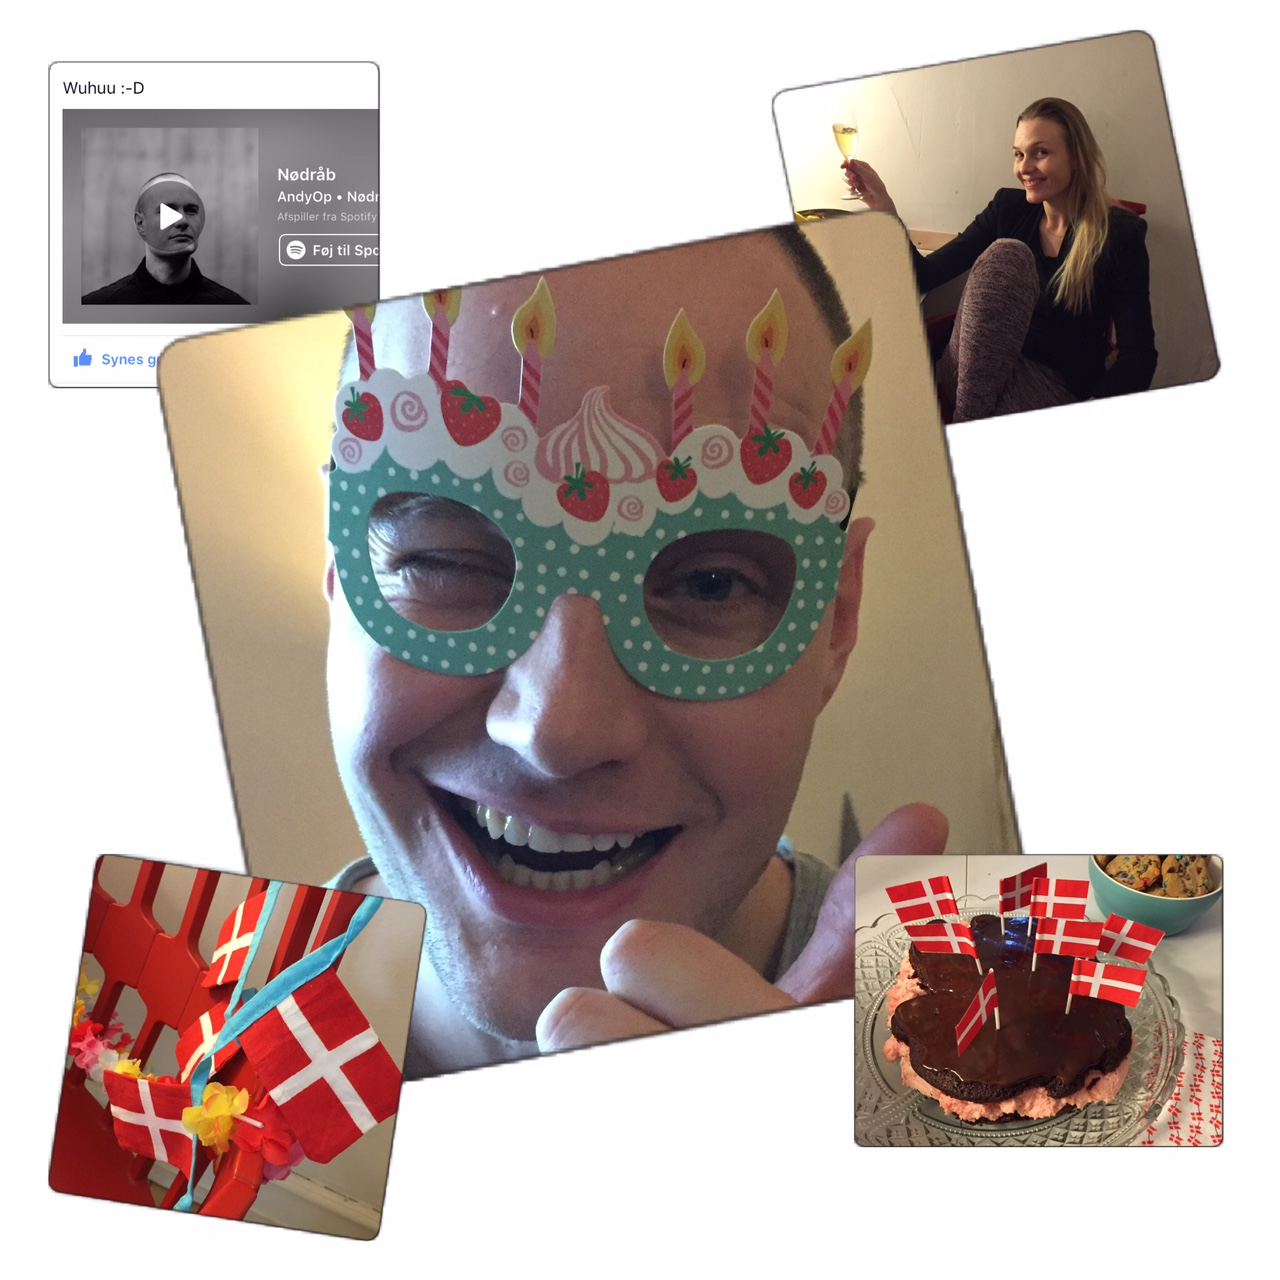 andyop_release_nødråb